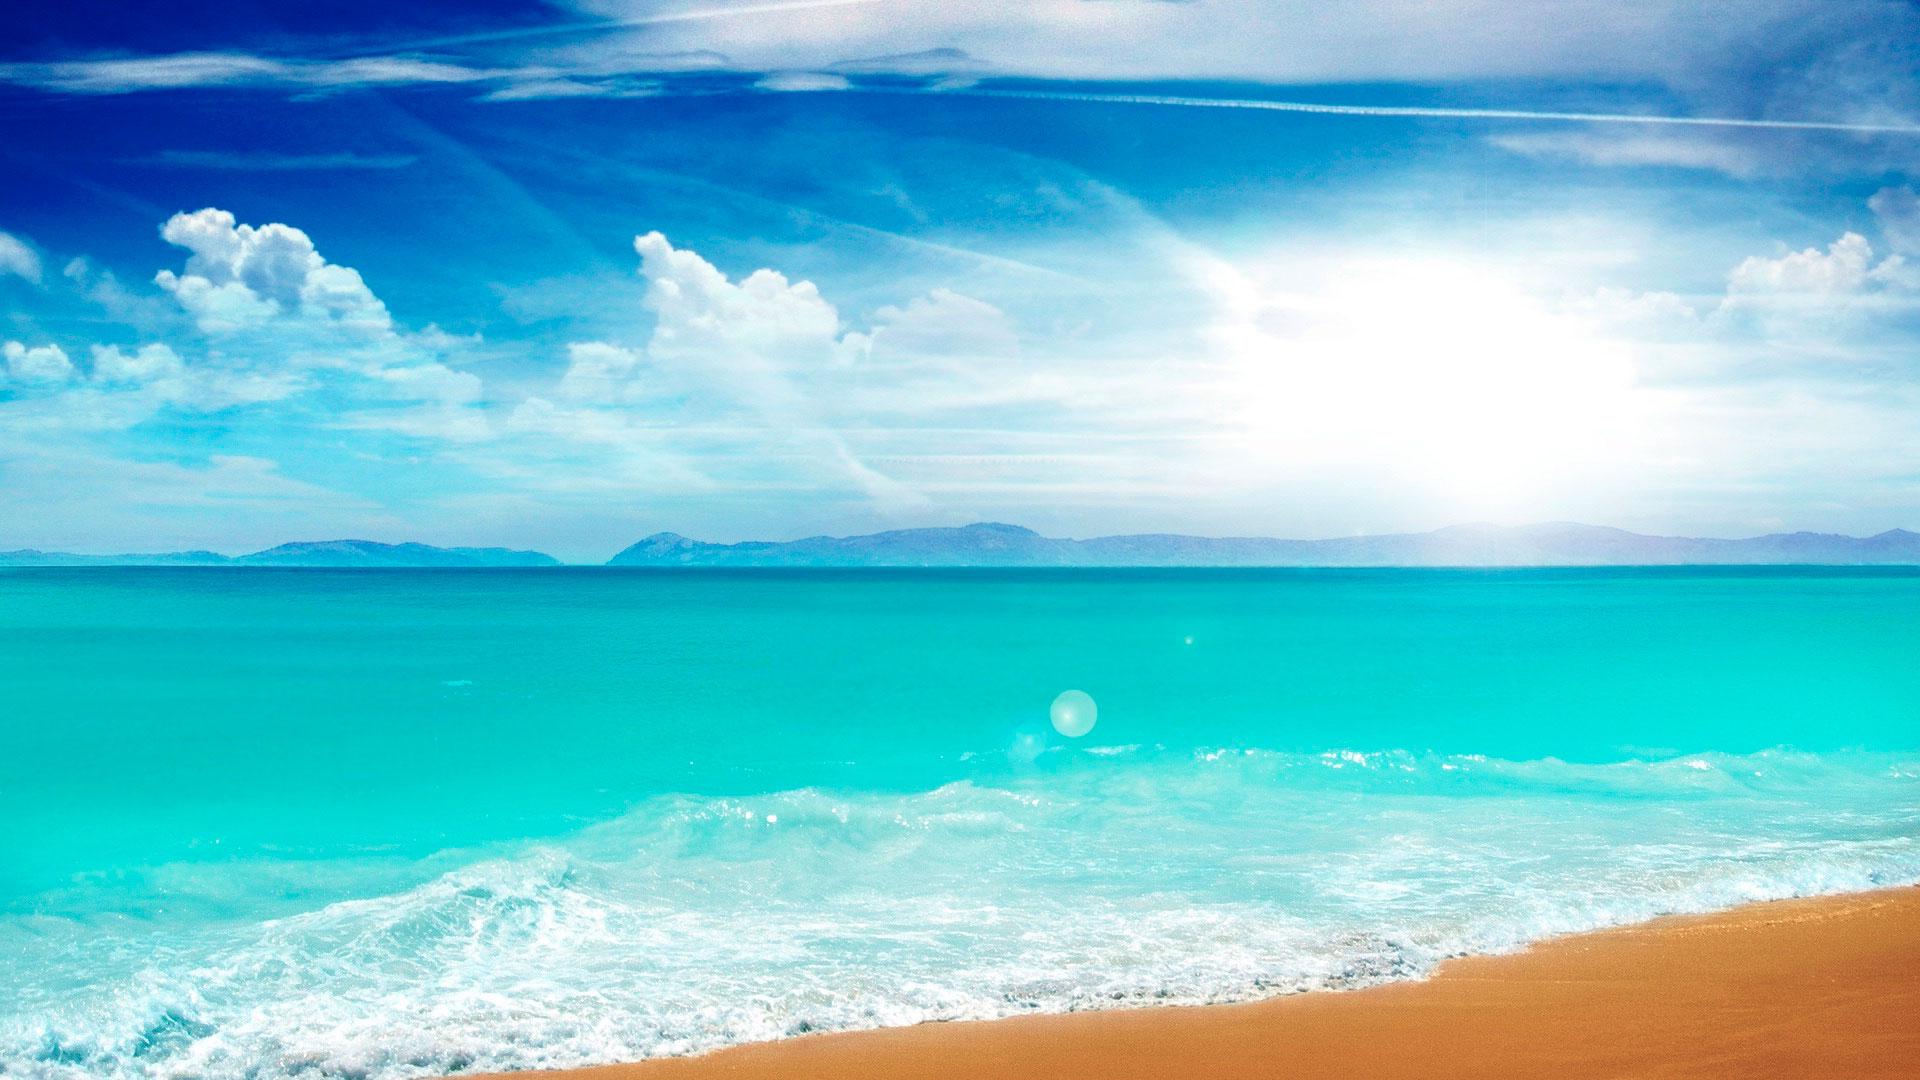 обои на рабочий стол берег пляж № 646474 загрузить